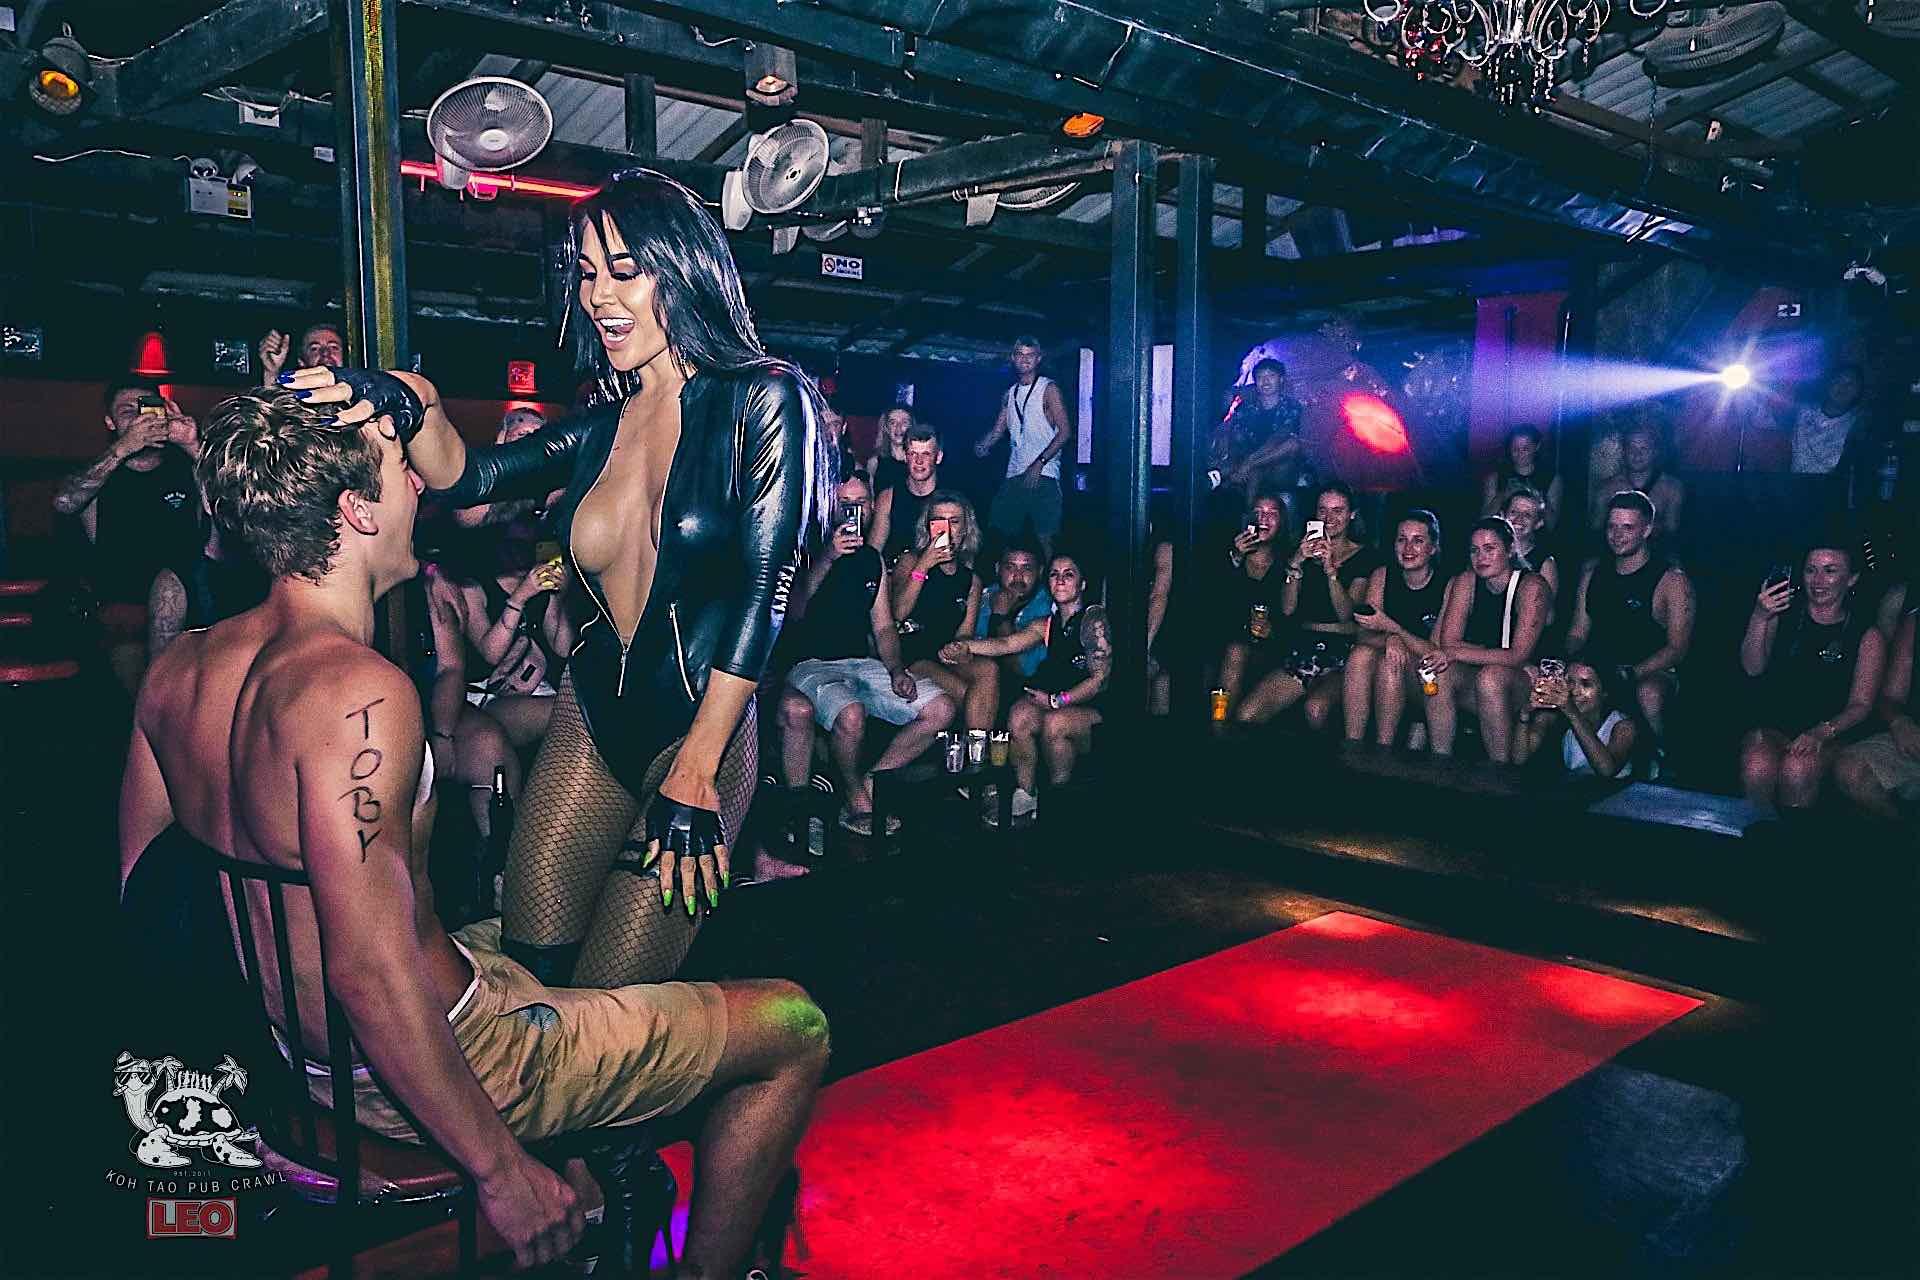 www.thefunkyturtle.com koh tao pub crawl thailand queens cabaret